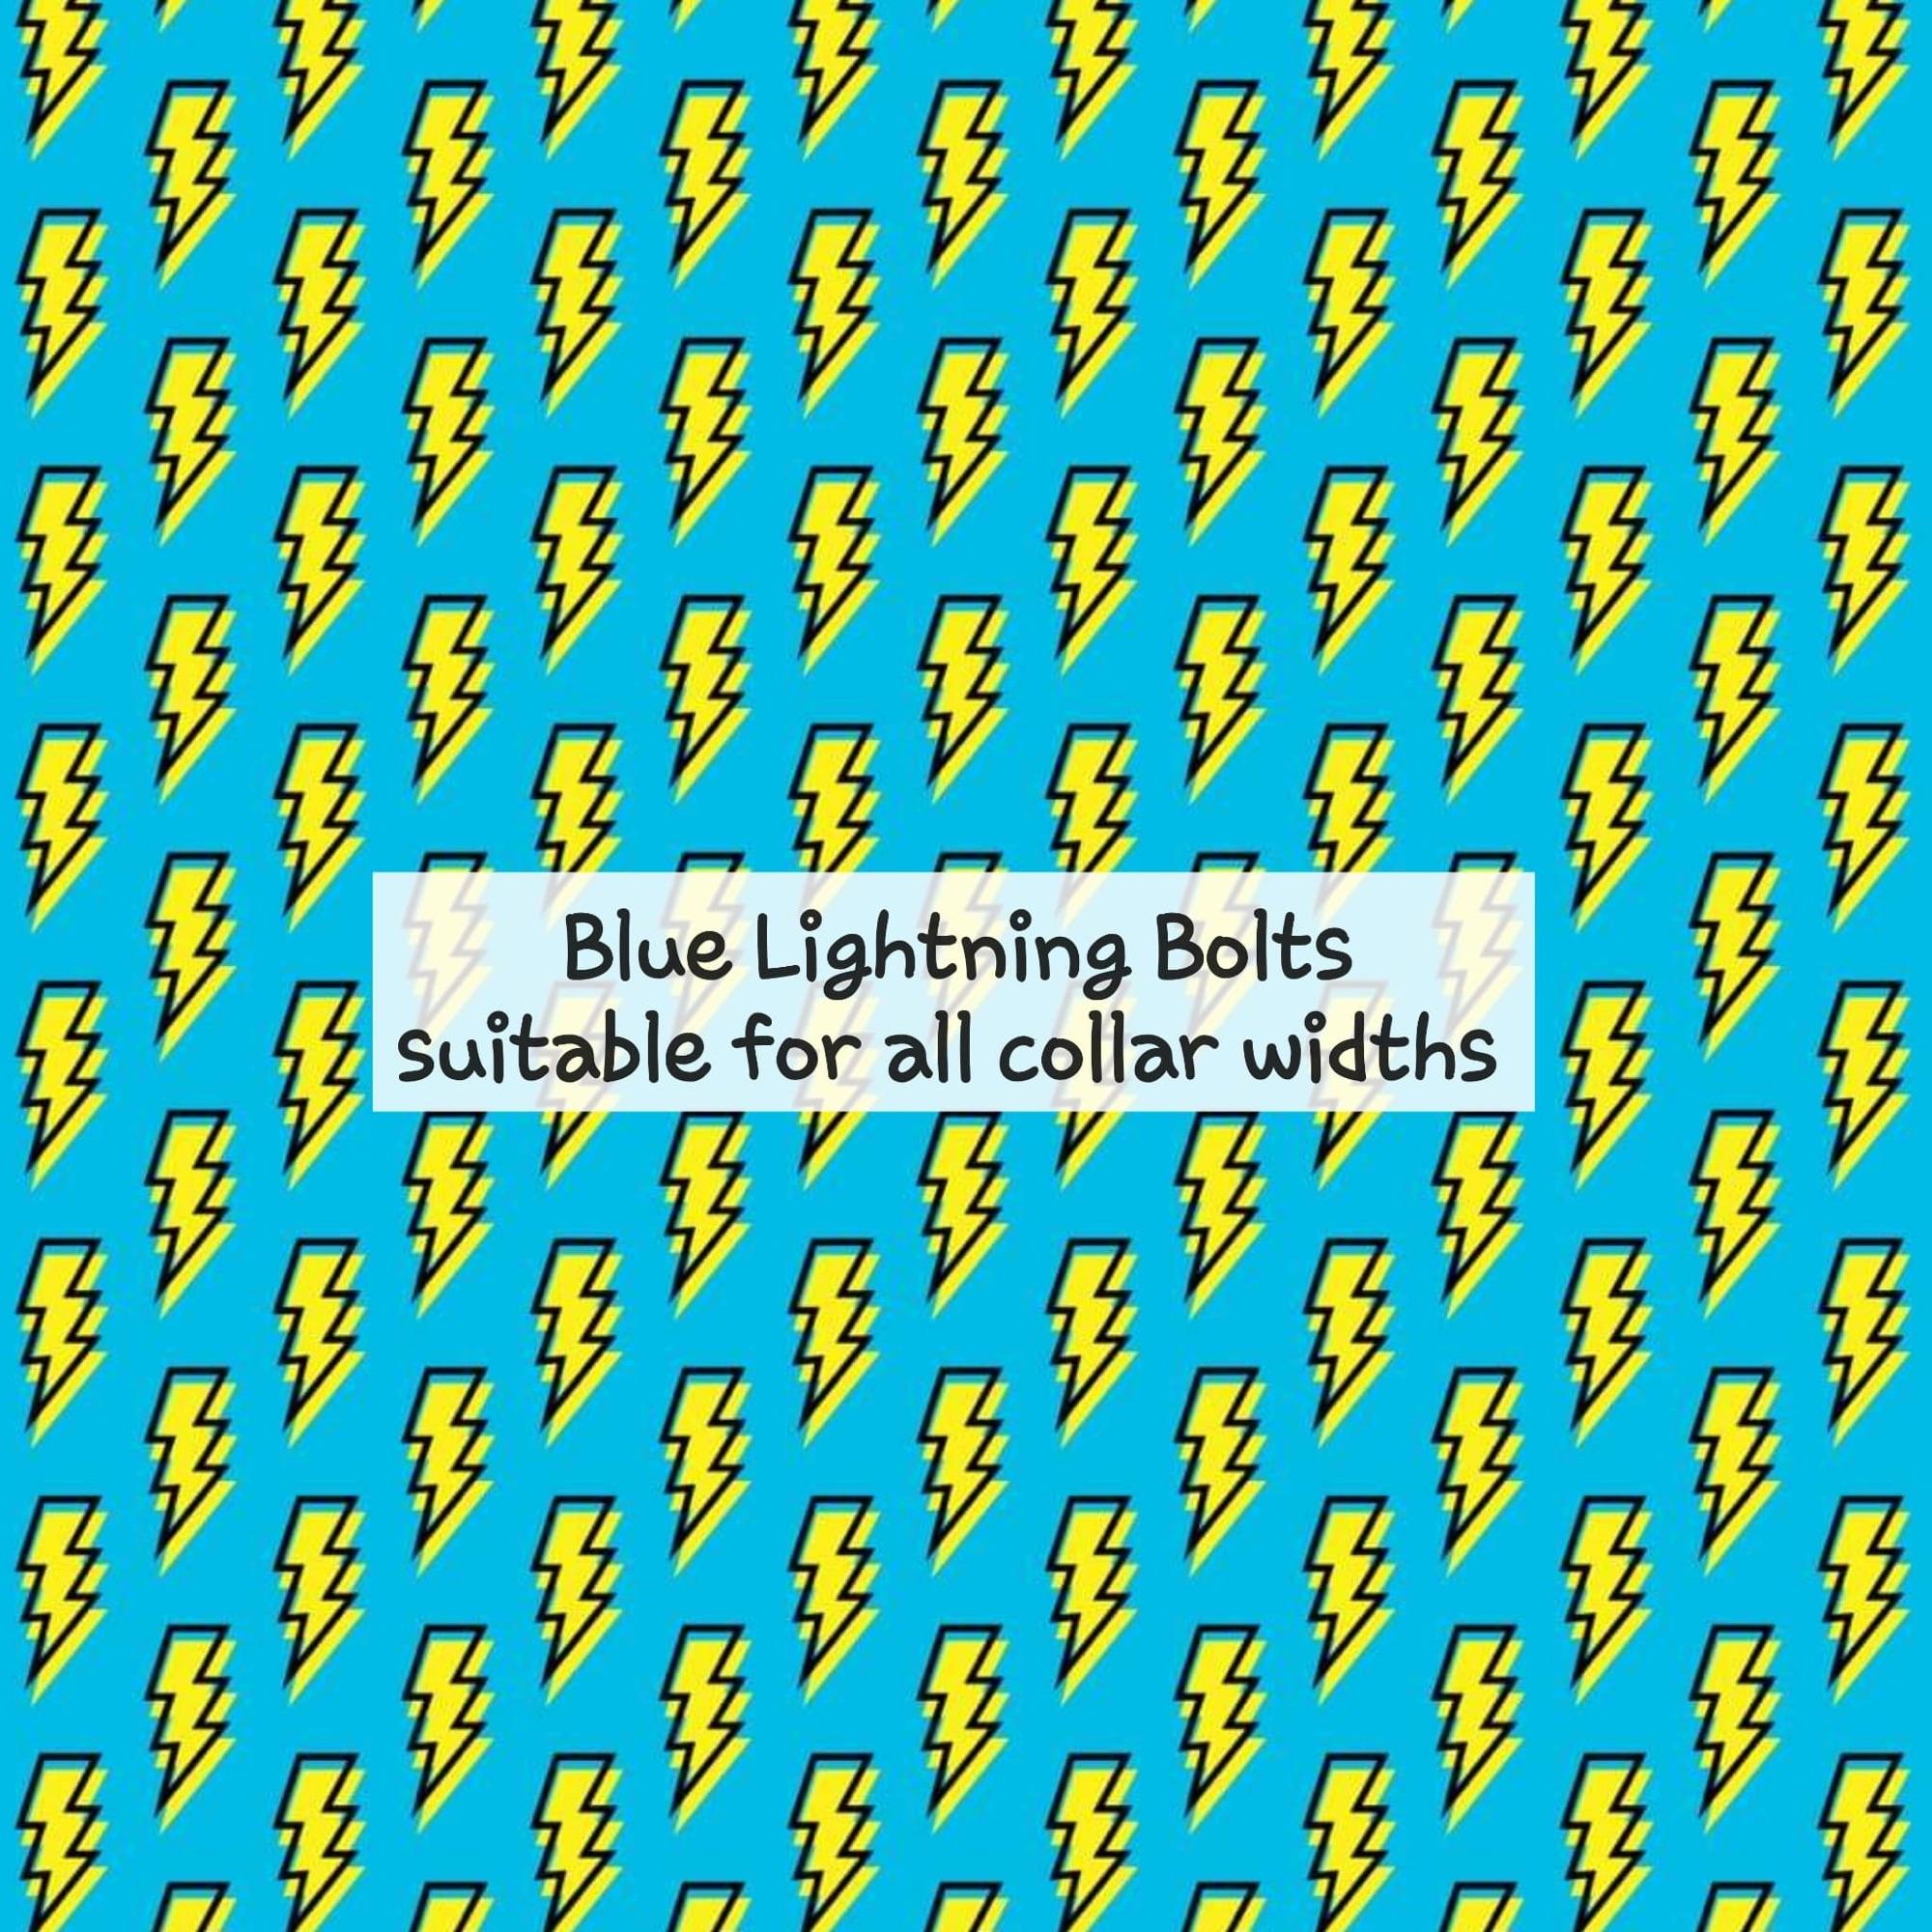 blue lightning bolts